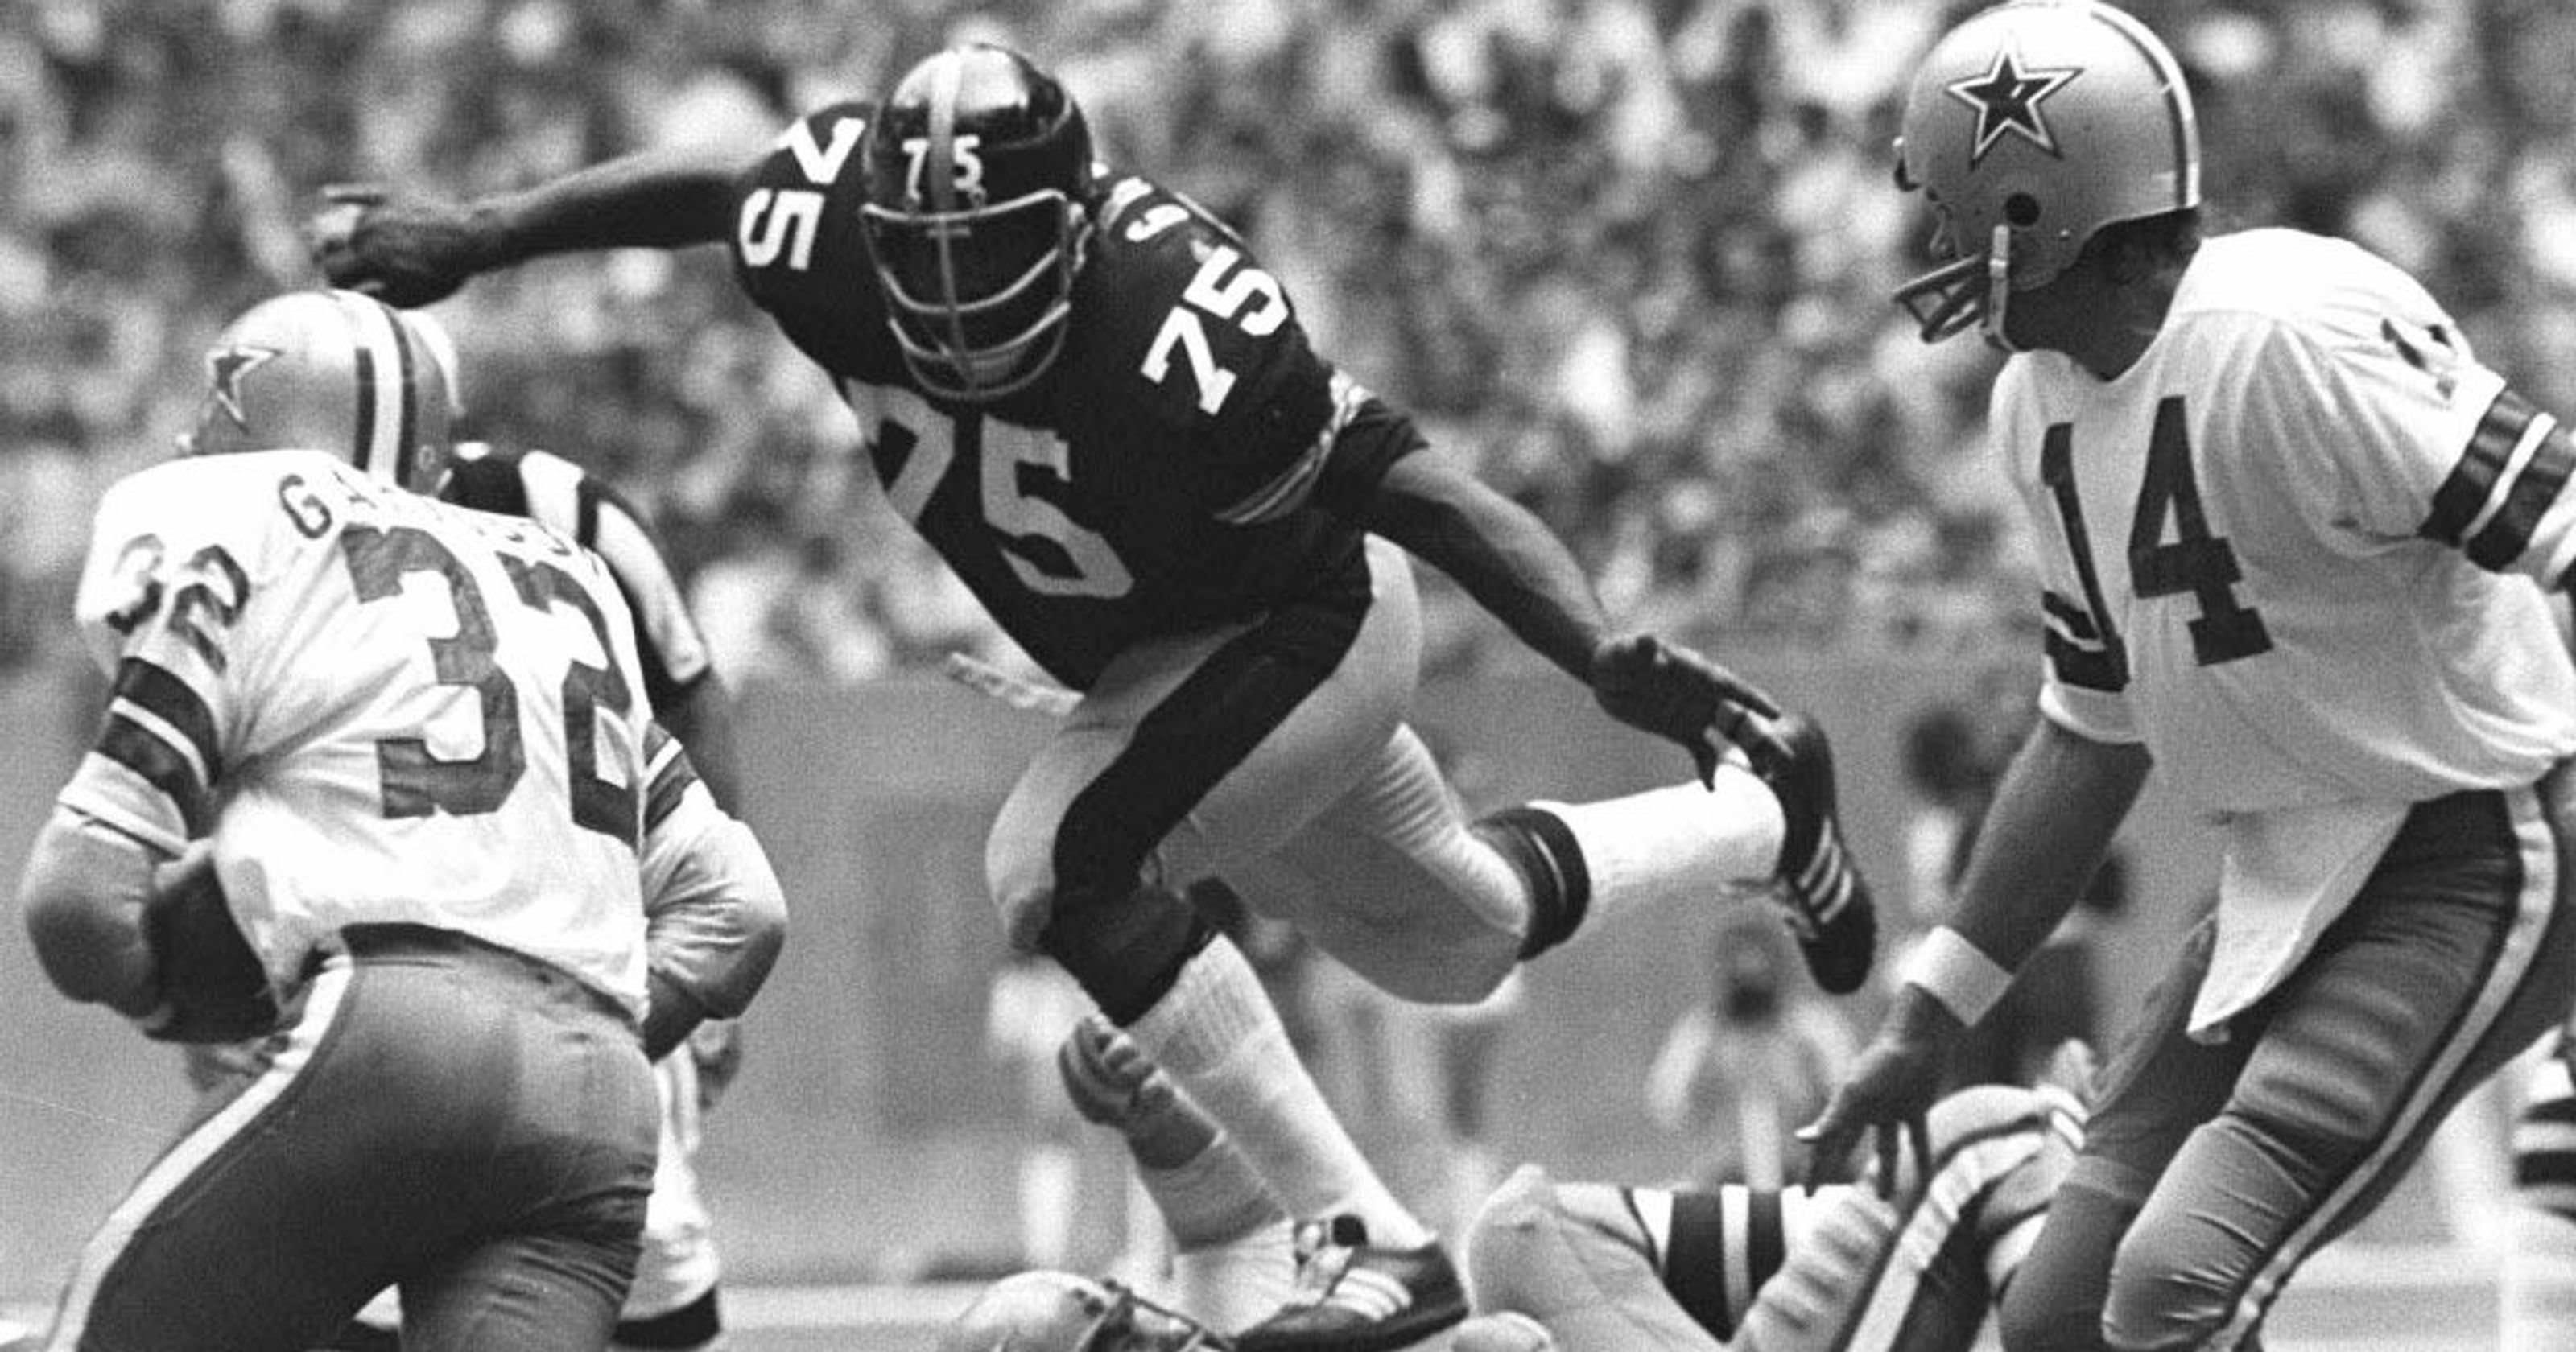 Hall of Famer 'Mean' Joe Greene certeza se ele poderia prosperar com as modernas regras da NFL